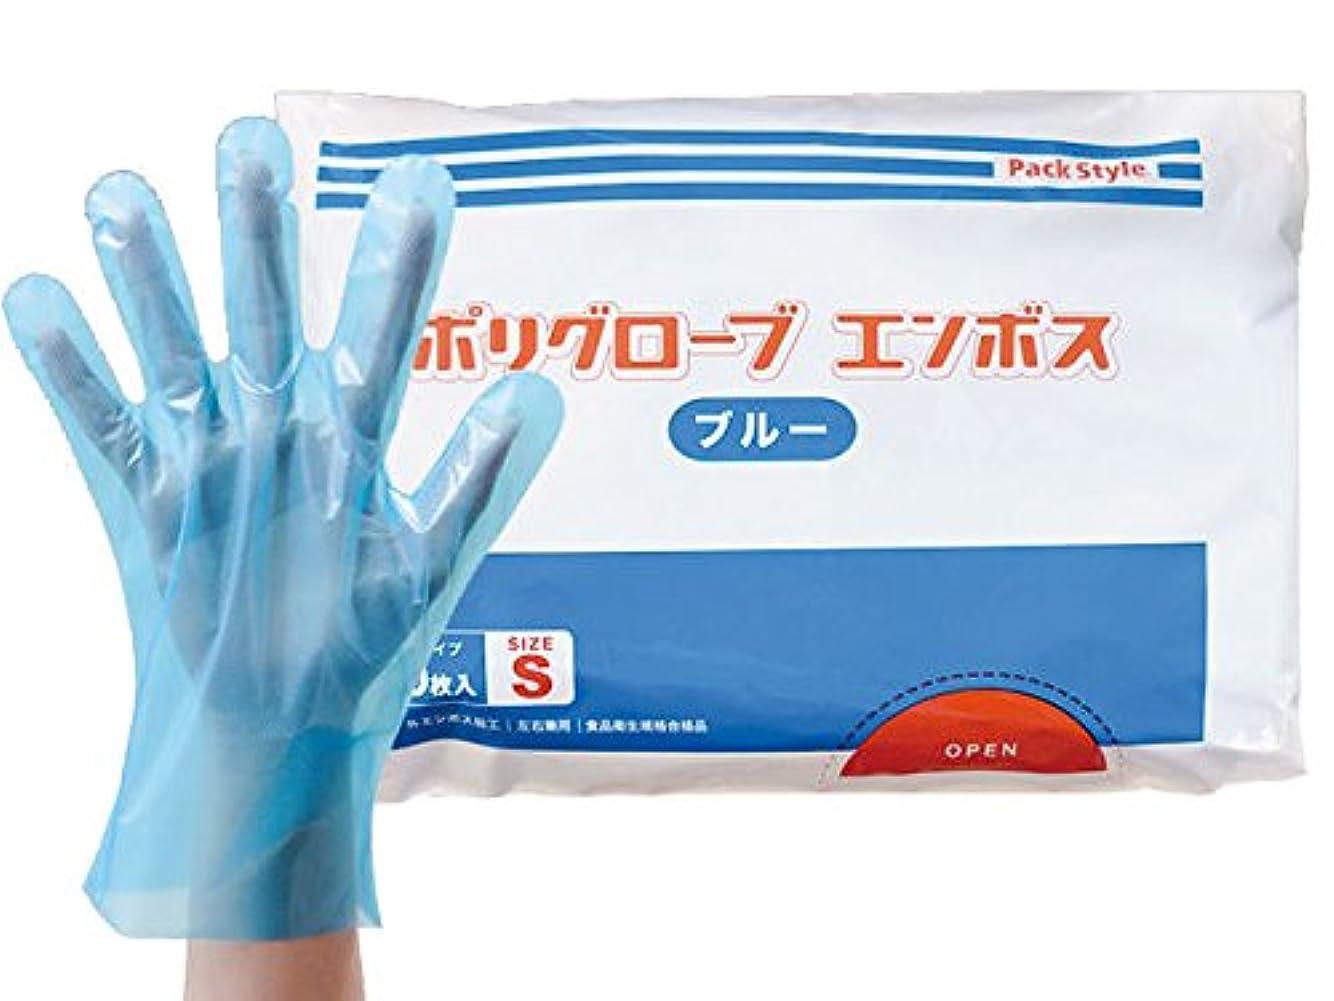 グリーンランドバケツ国民投票パックスタイル 使い捨て ポリ手袋 ブルー 袋入 SS 6000枚 00437324